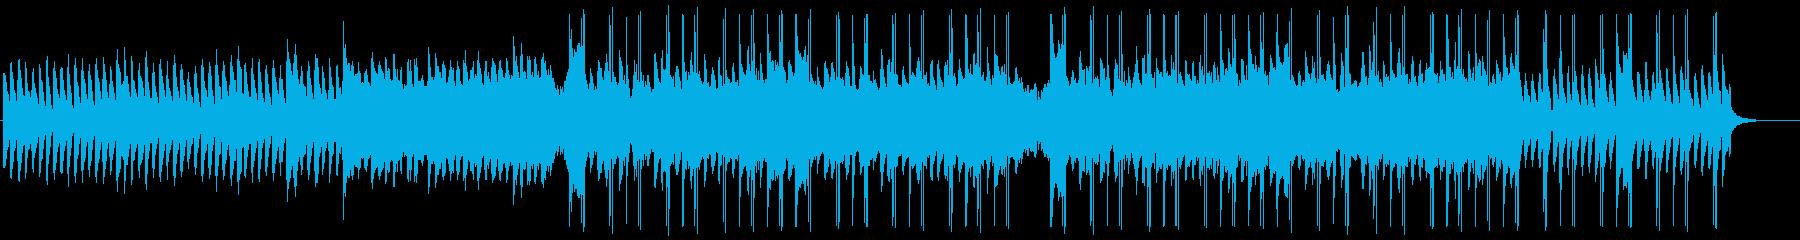 怪しい雰囲気のヒップホップ風ビートの再生済みの波形